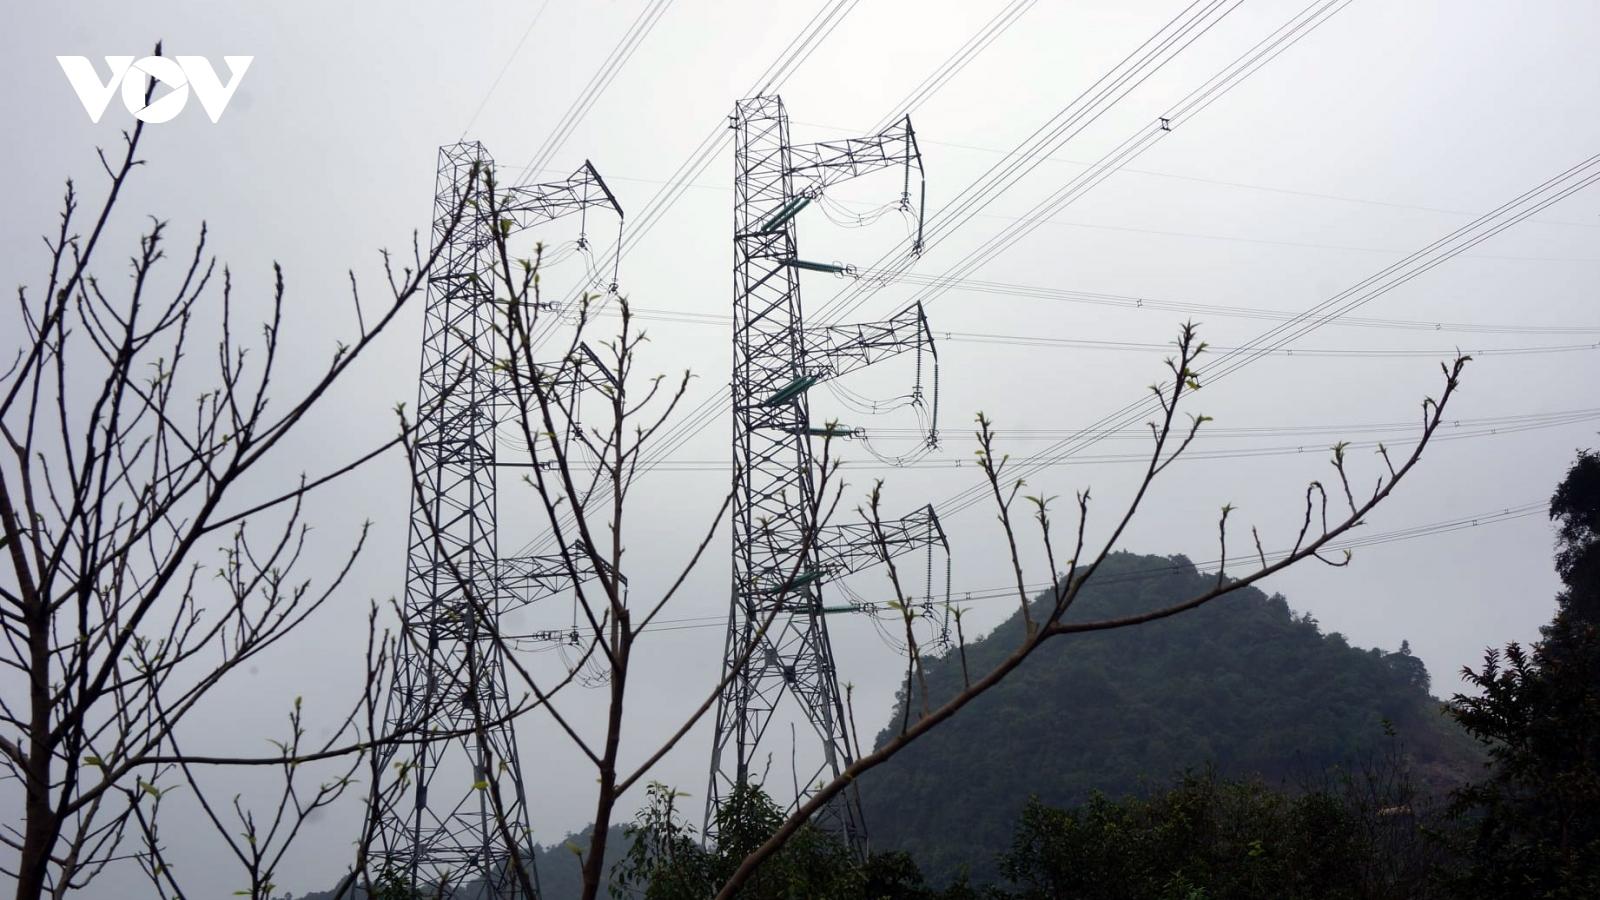 Tập đoàn Điện lực Việt Nam: 10 thành tựu nổi bật giai đoạn 2010 - 2020